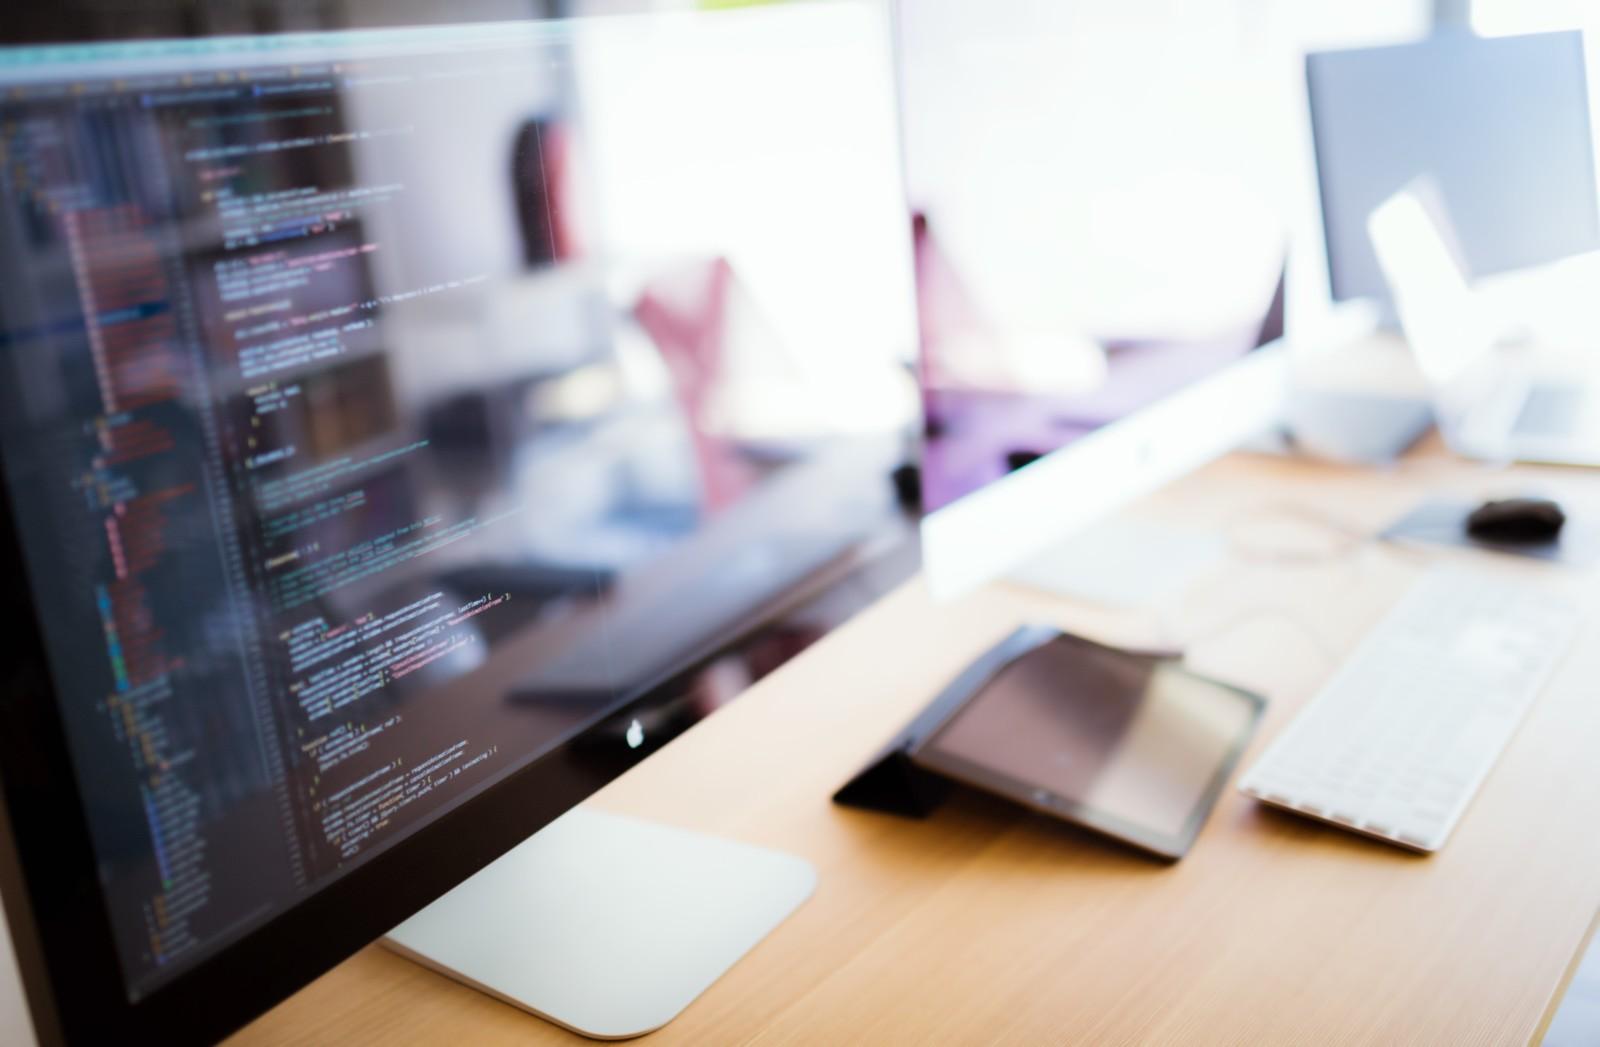 プログラミング講師で副業・複業する方法